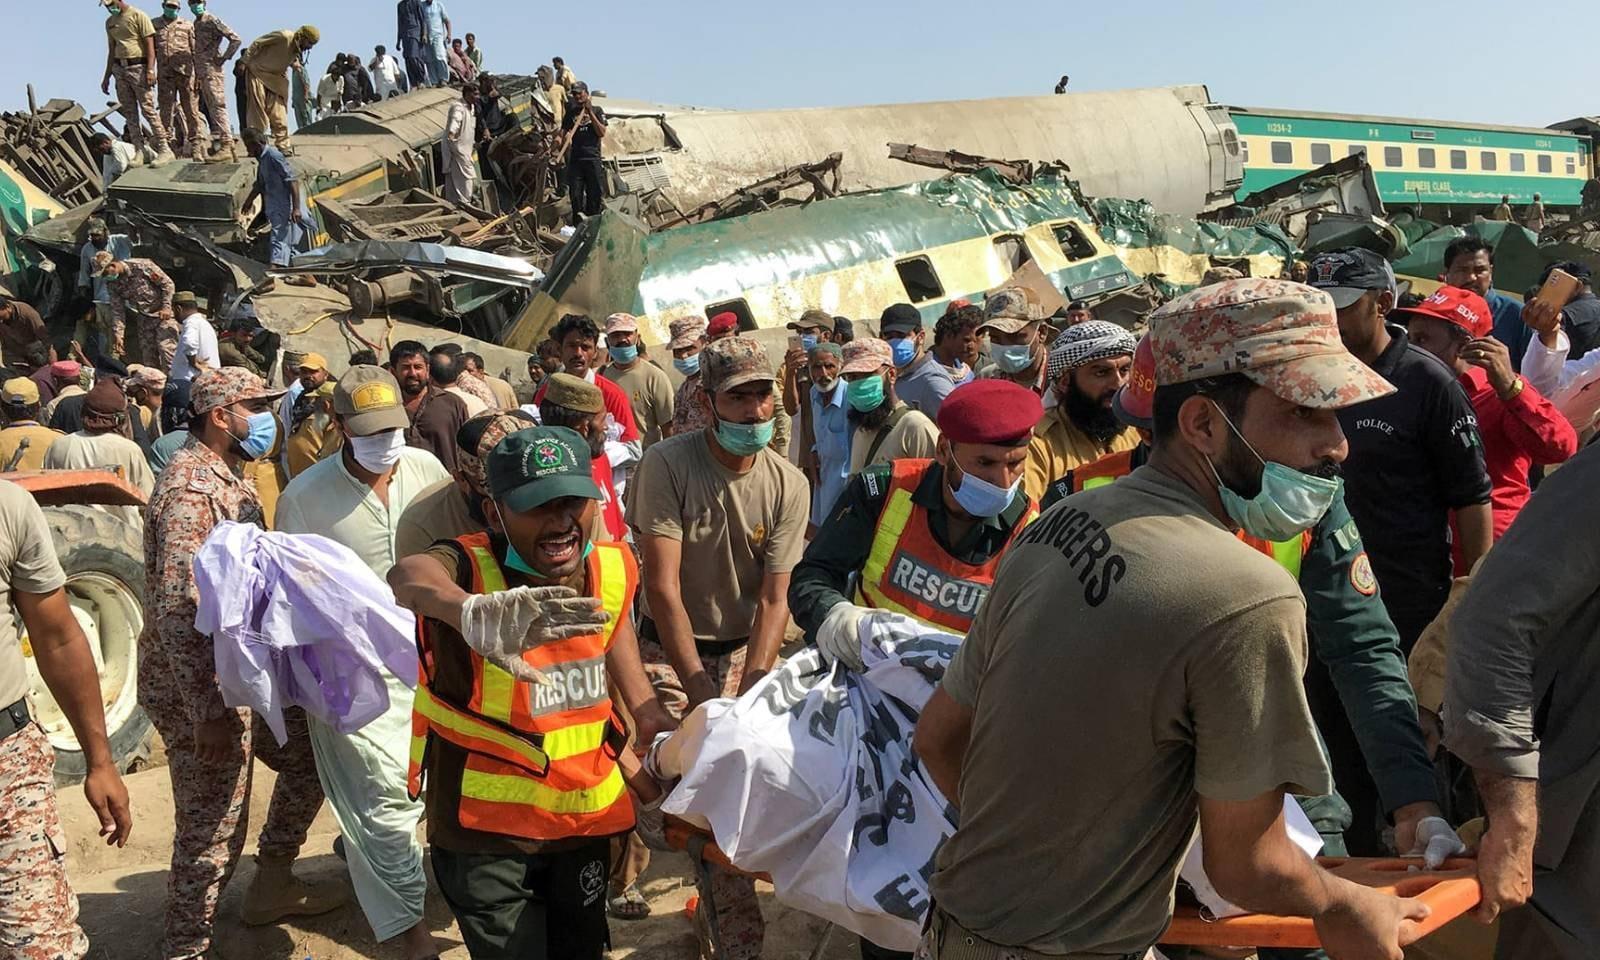 حادثے میں 13 سے زائد بوگیوں کو نقصان پہنچا—فوٹو: رائٹرز